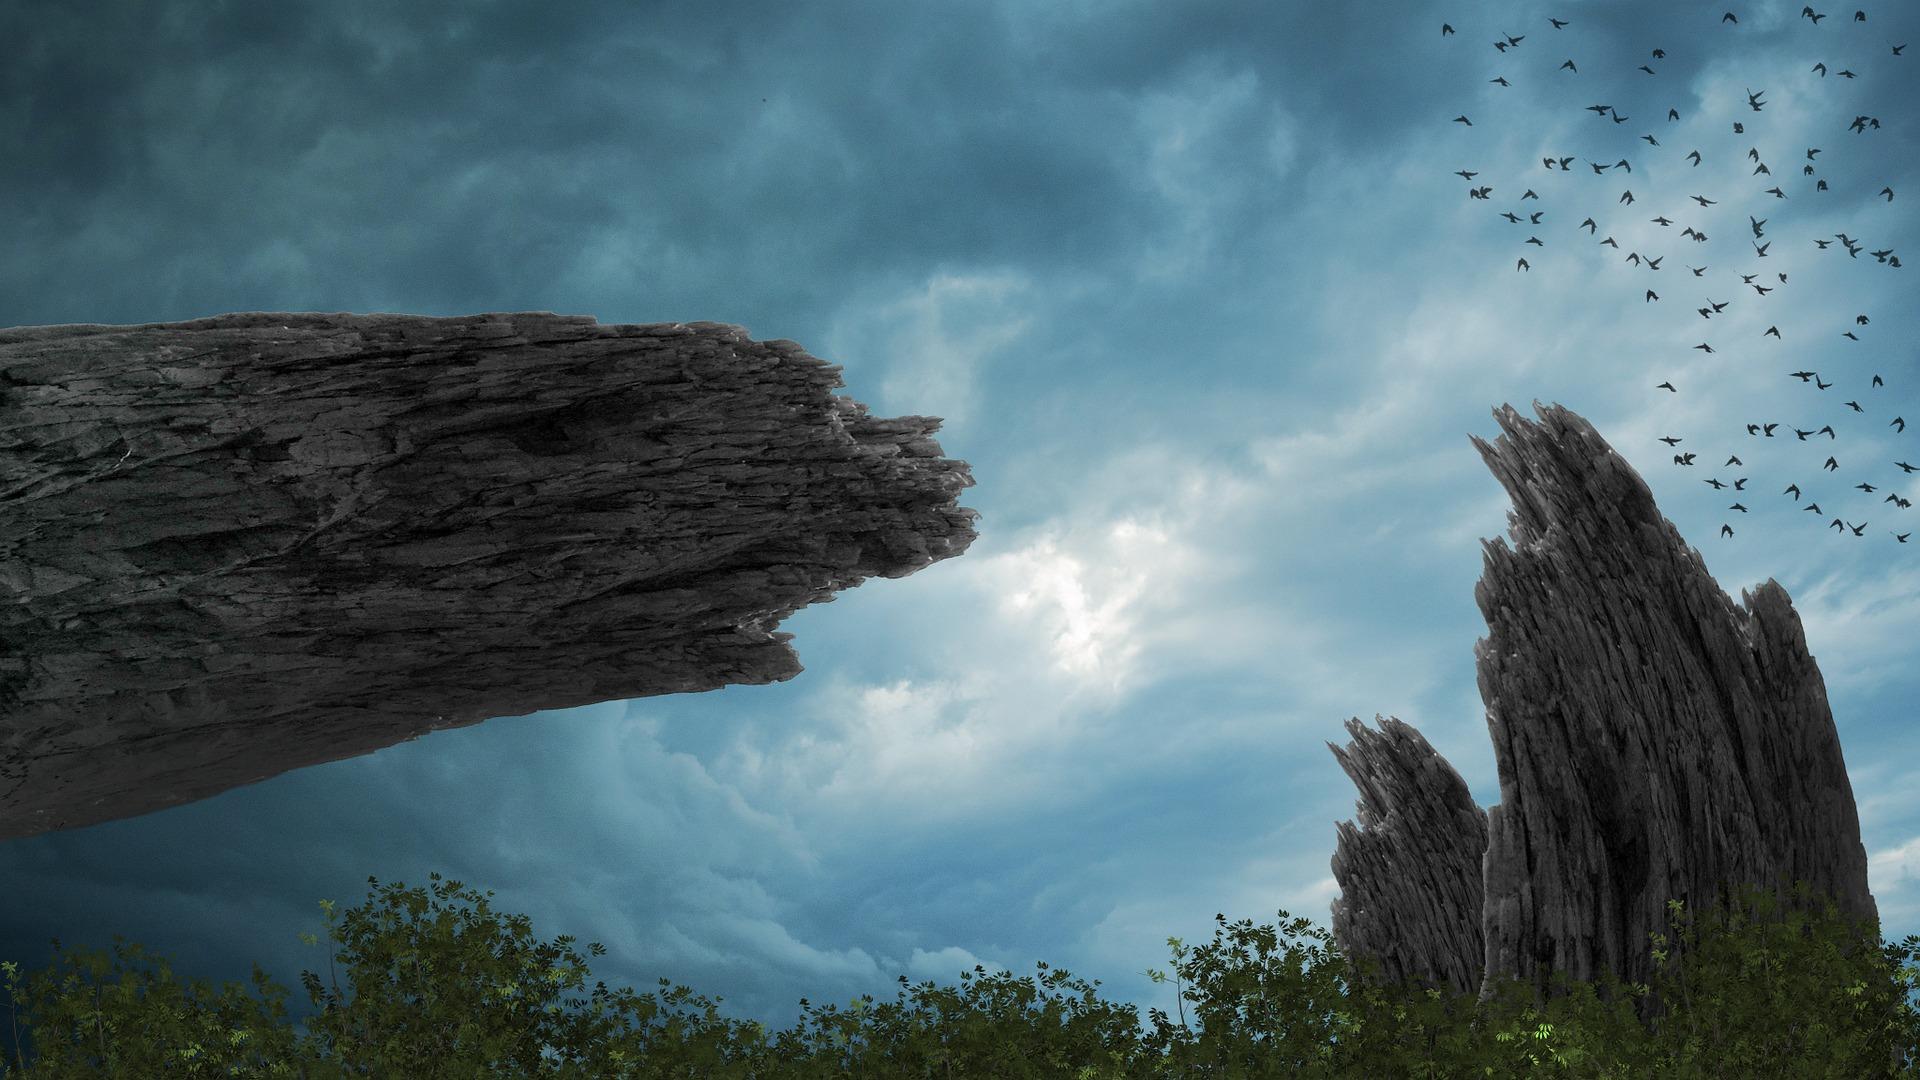 काल्पनिक, Rocas, पहाड़ों, पक्षी, पेड़ - HD वॉलपेपर - प्रोफेसर-falken.com